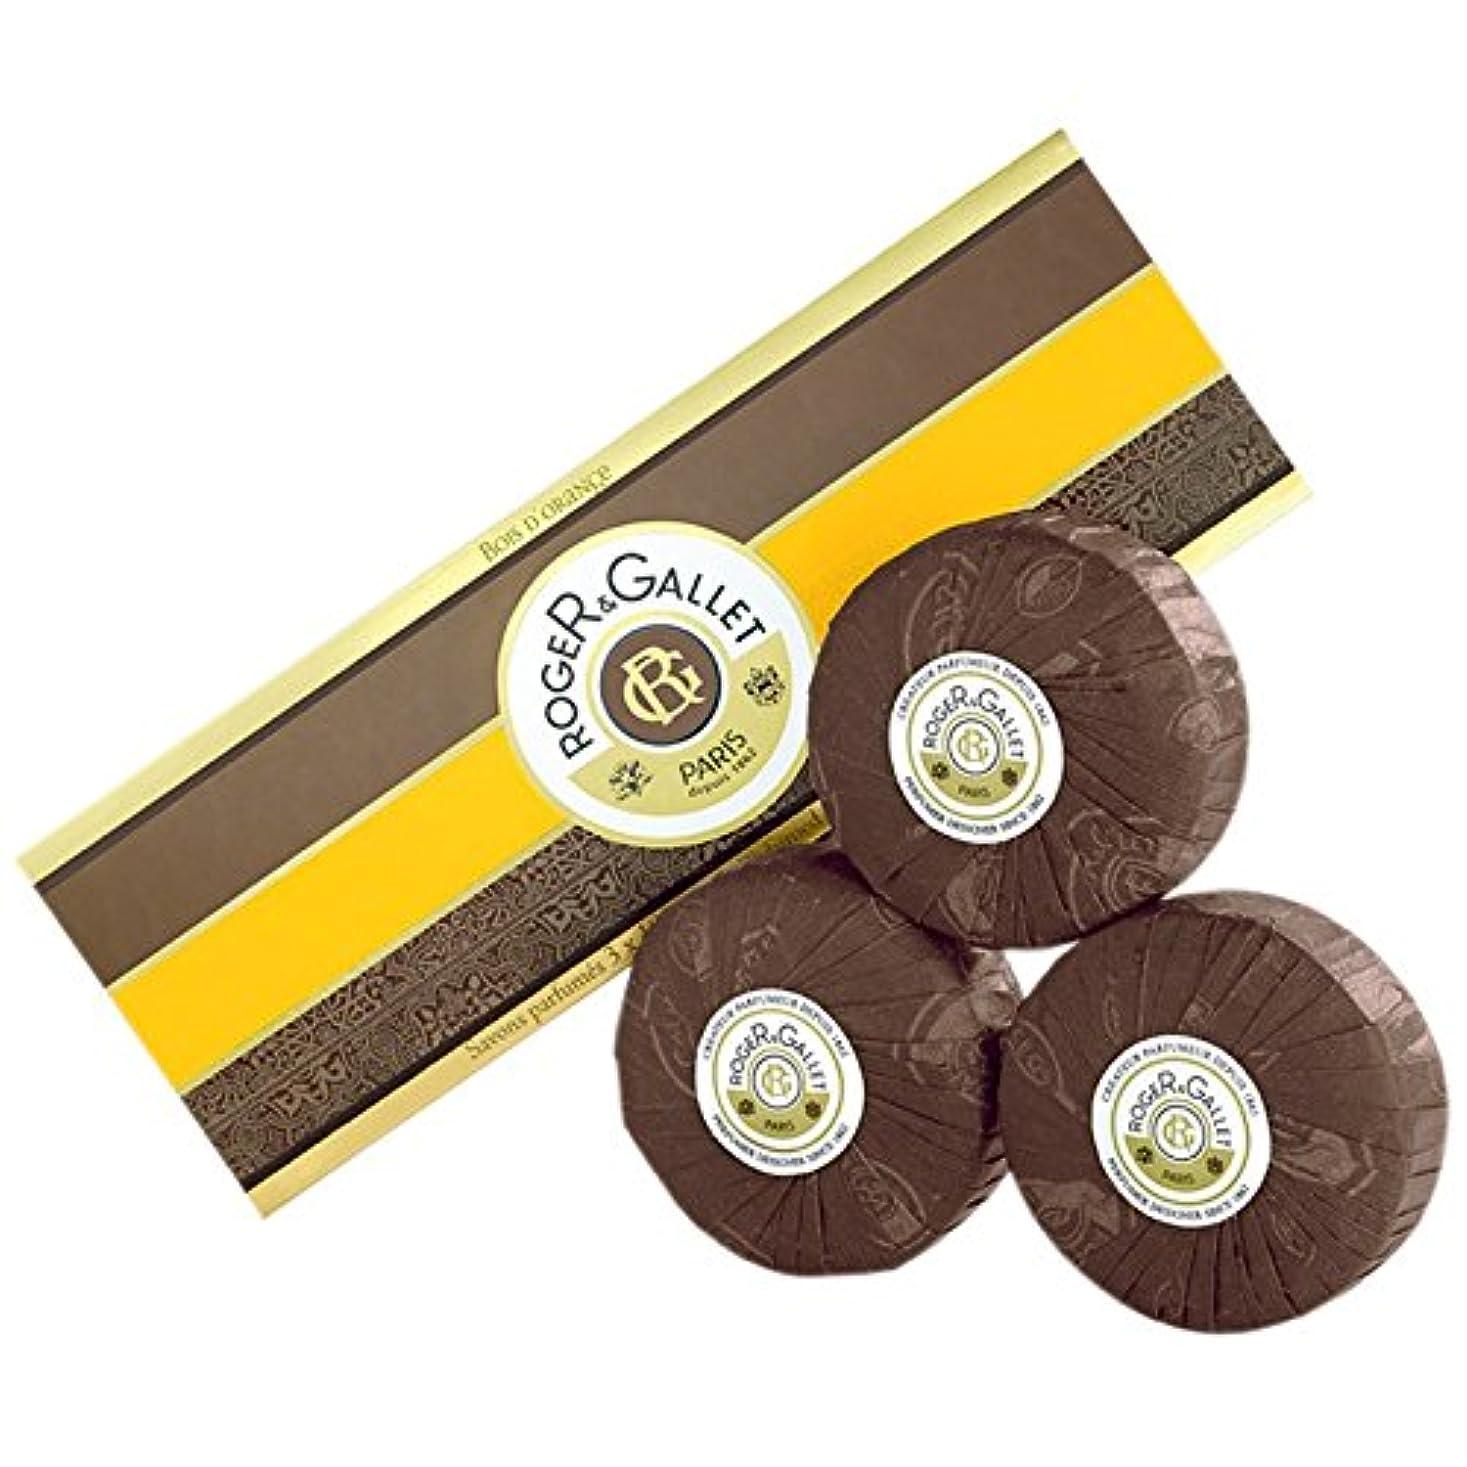 大使日曜日アイザックロジャー&GalletのBoisのドールオレンジソープ3つのX 100グラム (Roger & Gallet) (x6) - Roger & Gallet Bois D'Orange Soap 3 x 100g (Pack of 6) [並行輸入品]